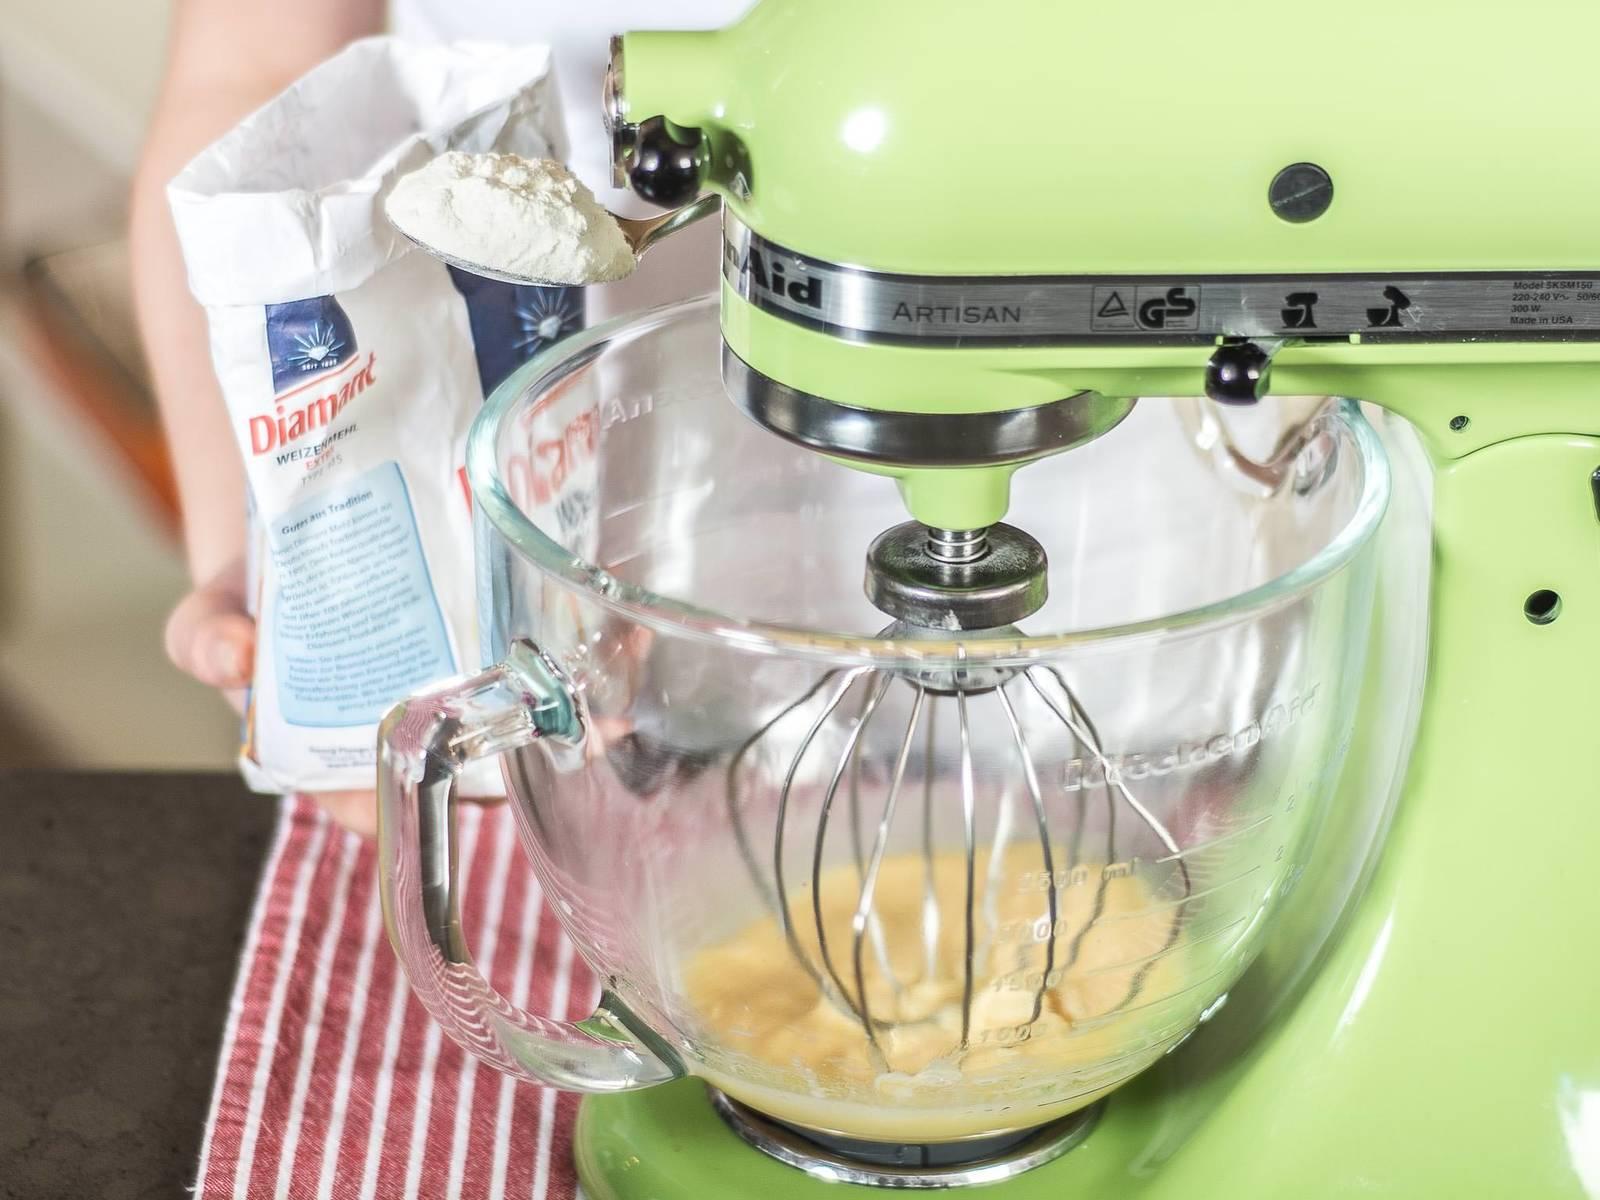 将黄油融化并稍微冷却后与鸡蛋、香草糖、柑曼怡和牛奶一起搅打至顺滑。再将面粉和一小撮盐筛入其中,继续搅拌成浆状,然后冷却30分钟备用。